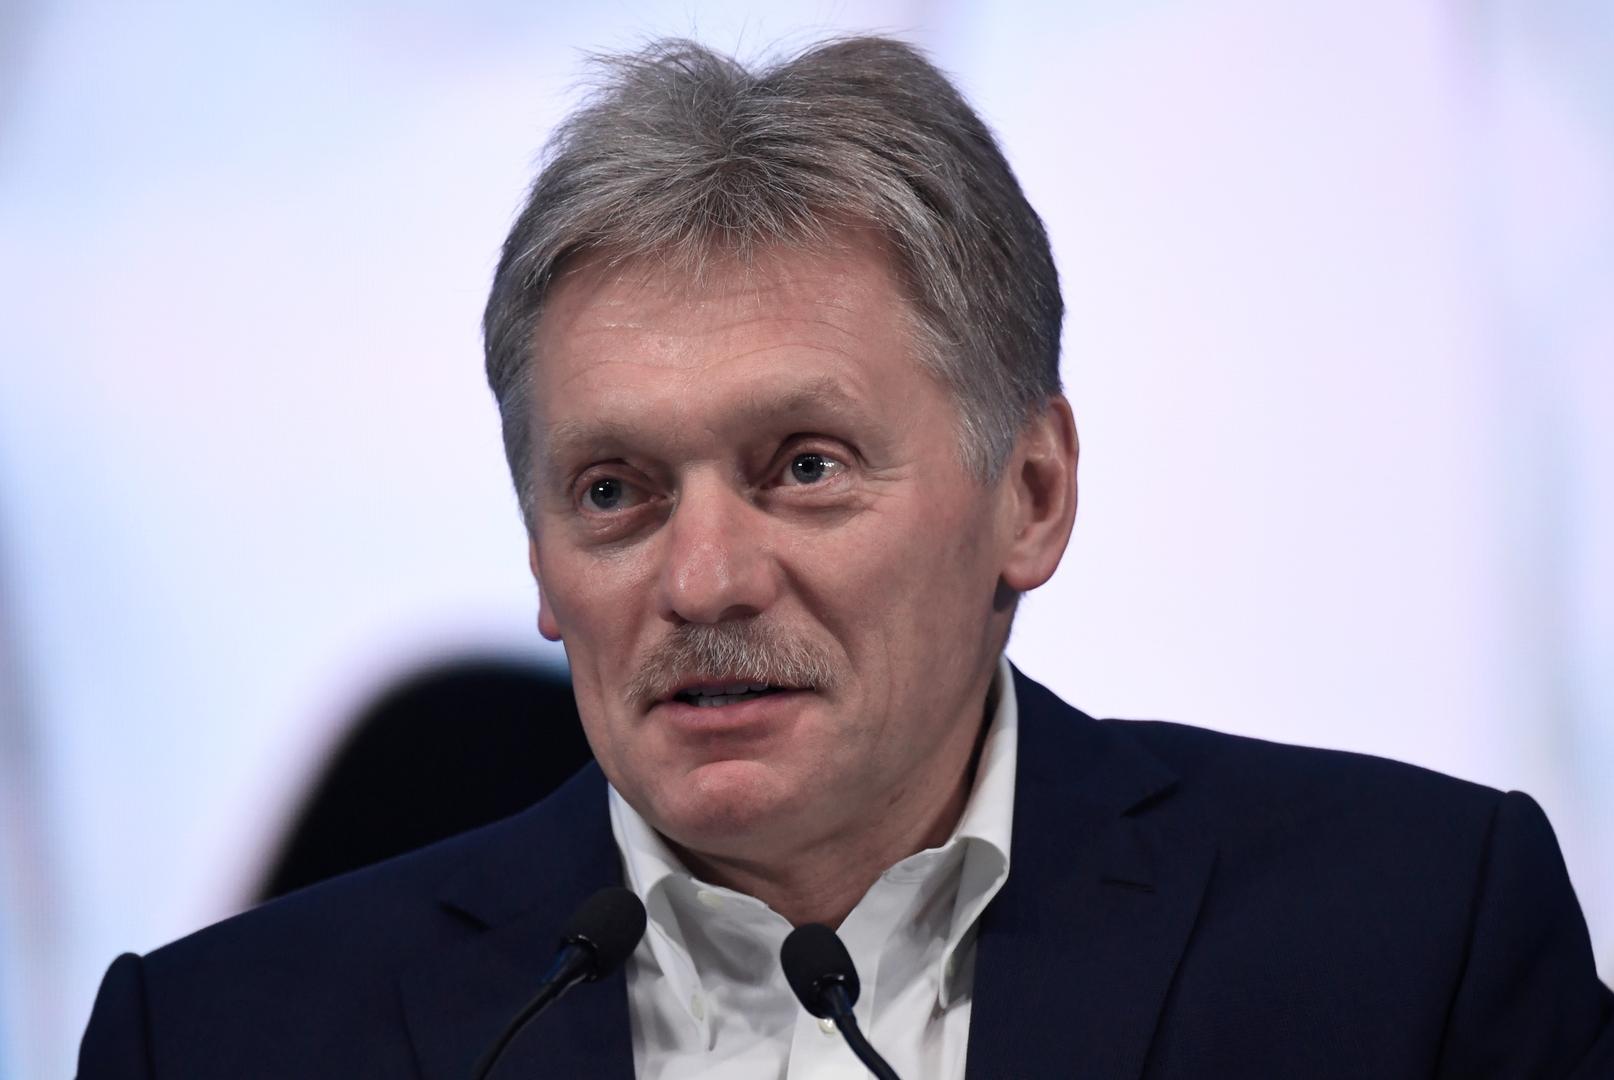 الكرملين: مسألة إدخال قوات روسية إلى أفغانستان غير مطروحة للنقاش